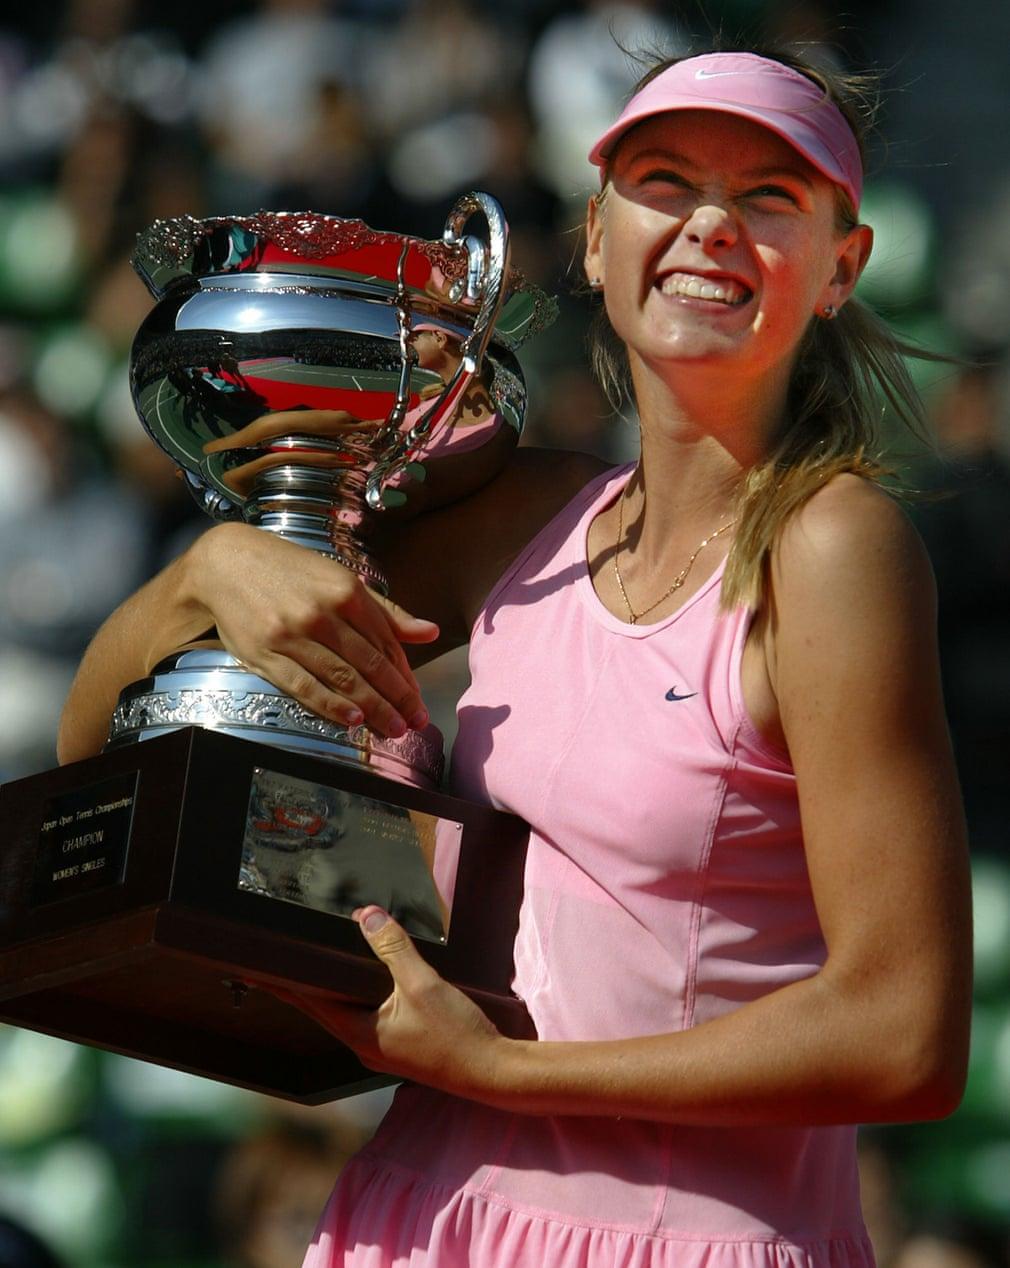 Vào tháng 10/2003, Maria Sharapova giành được danh hiệu WTA đầu tiên khi đánh bại Aniko Kapros với tỷ số 2-6, 6-2, 7-6 tại giải quần vợt Nhật Bản mở rộng ở Tokyo, giúp cô nhanh chóng leo lên top 50.